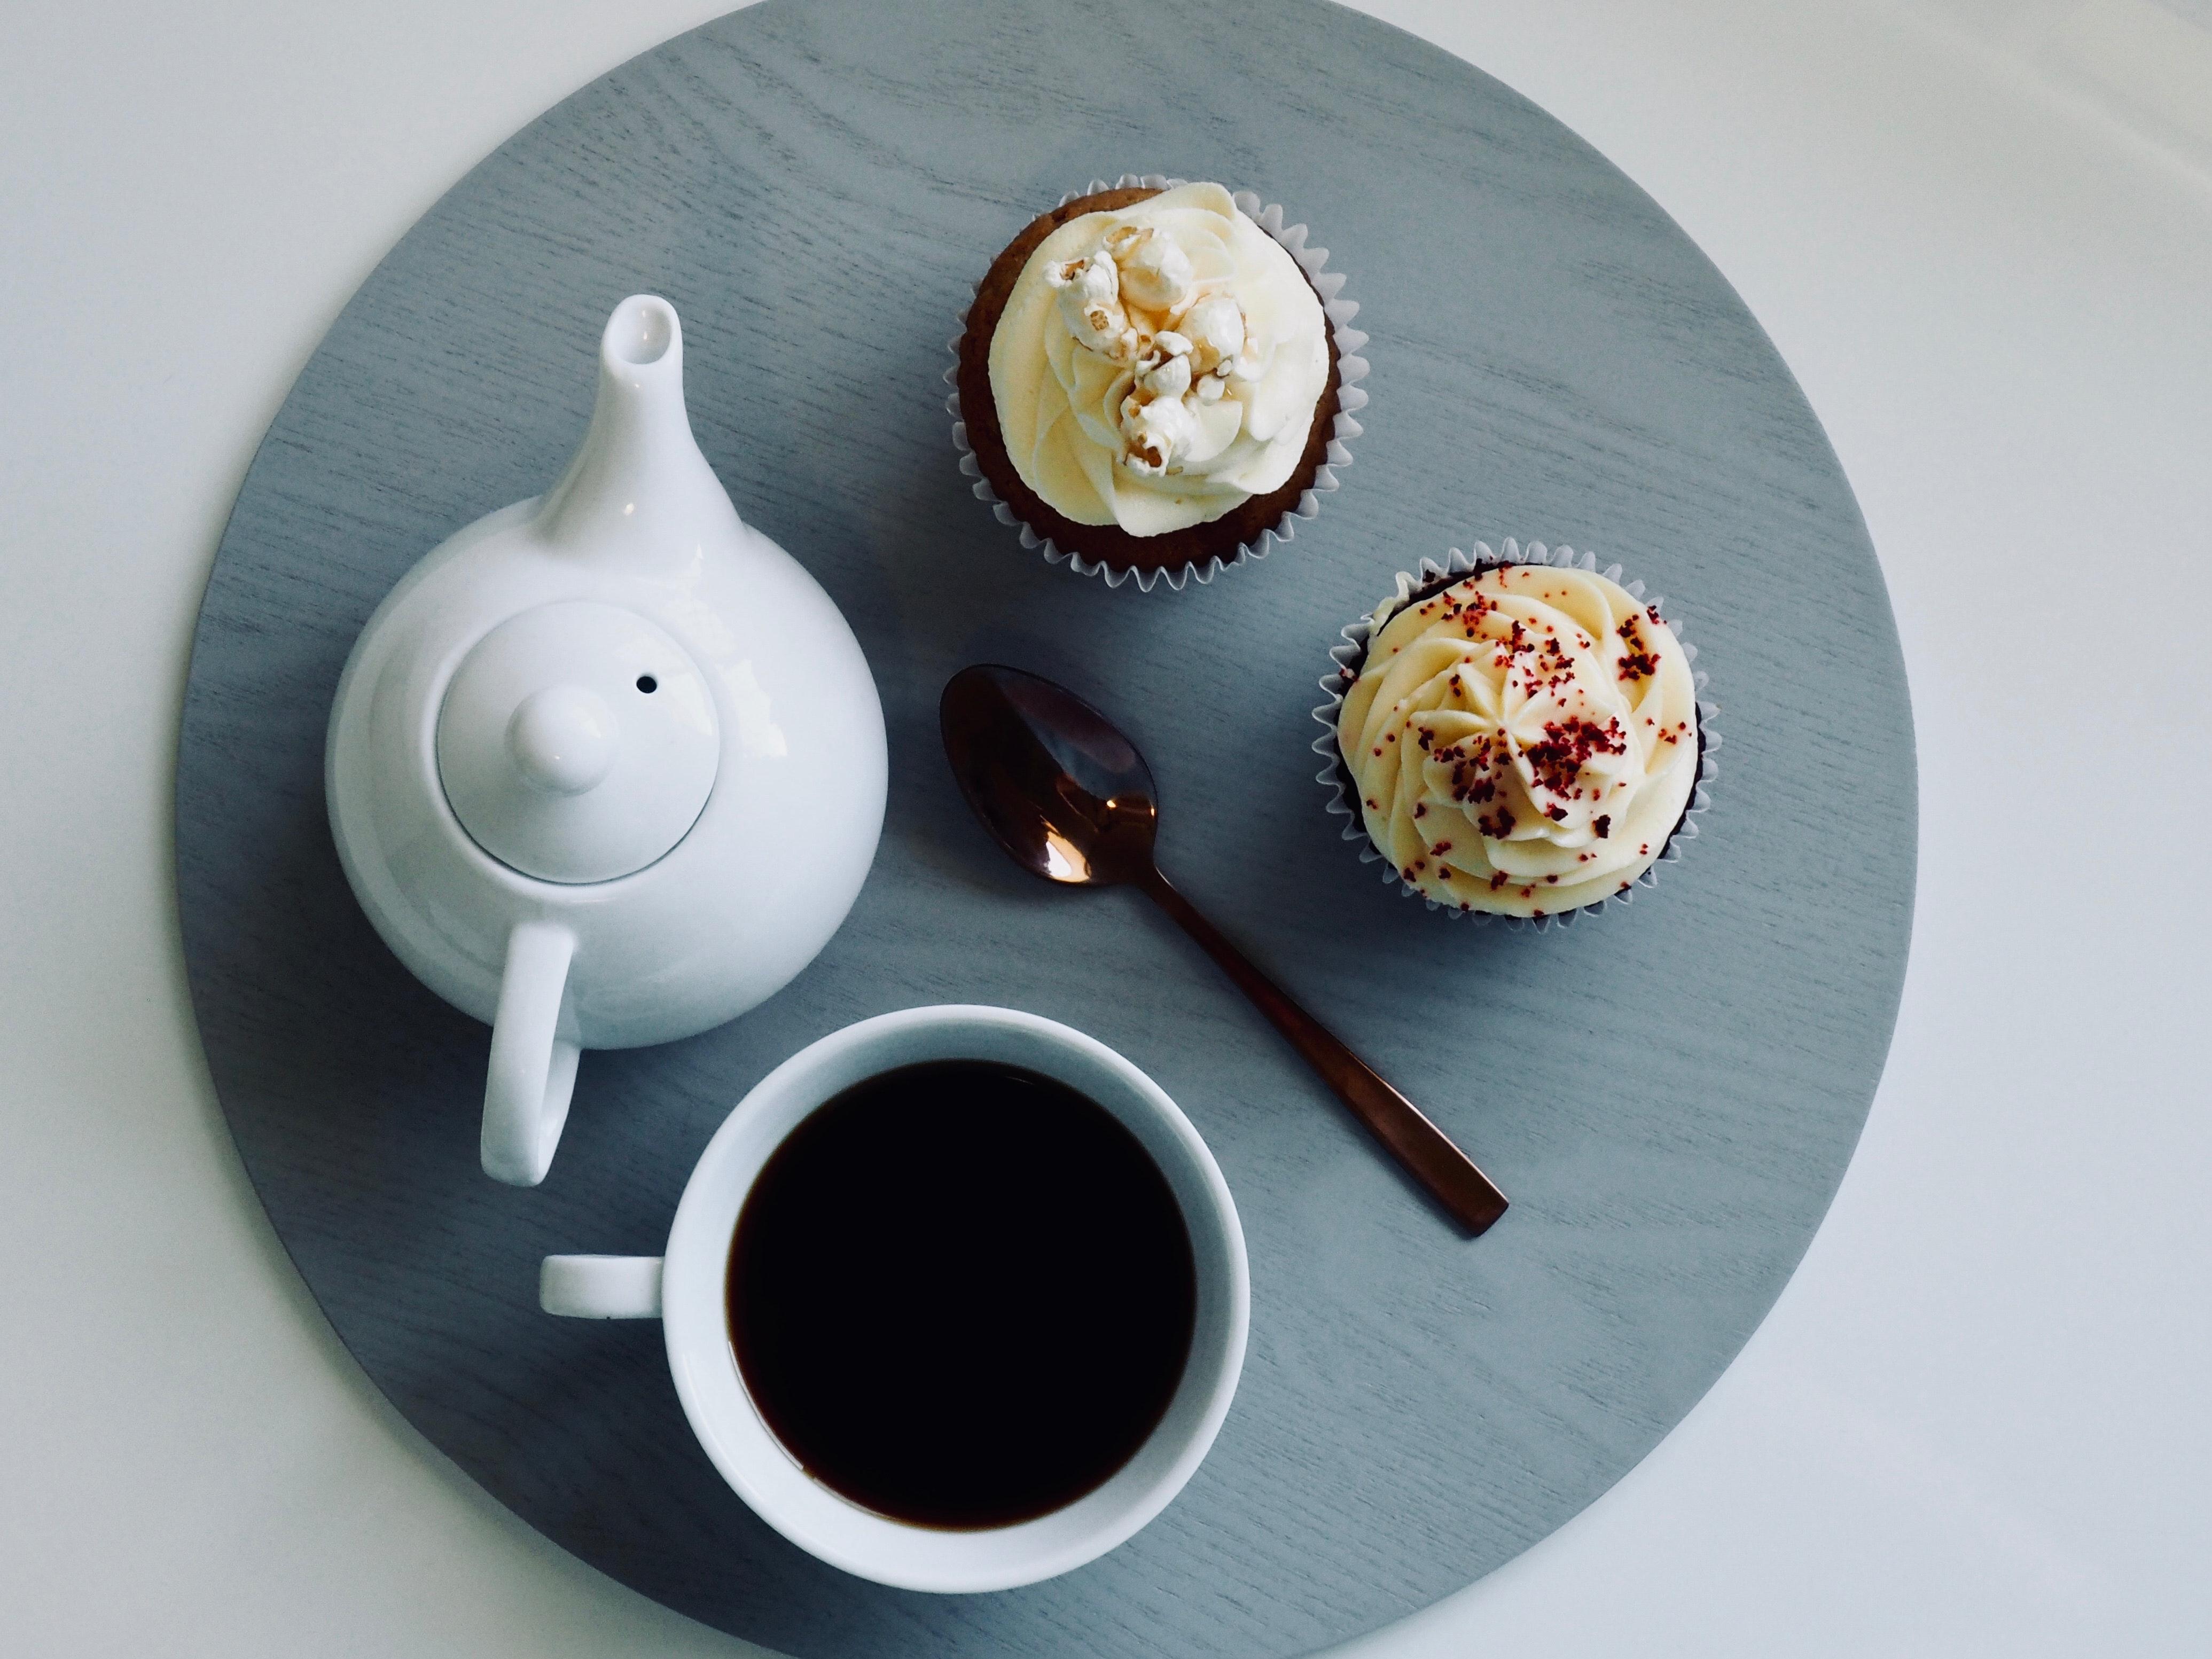 картинки кофе в тарелке существуем рынке совсем